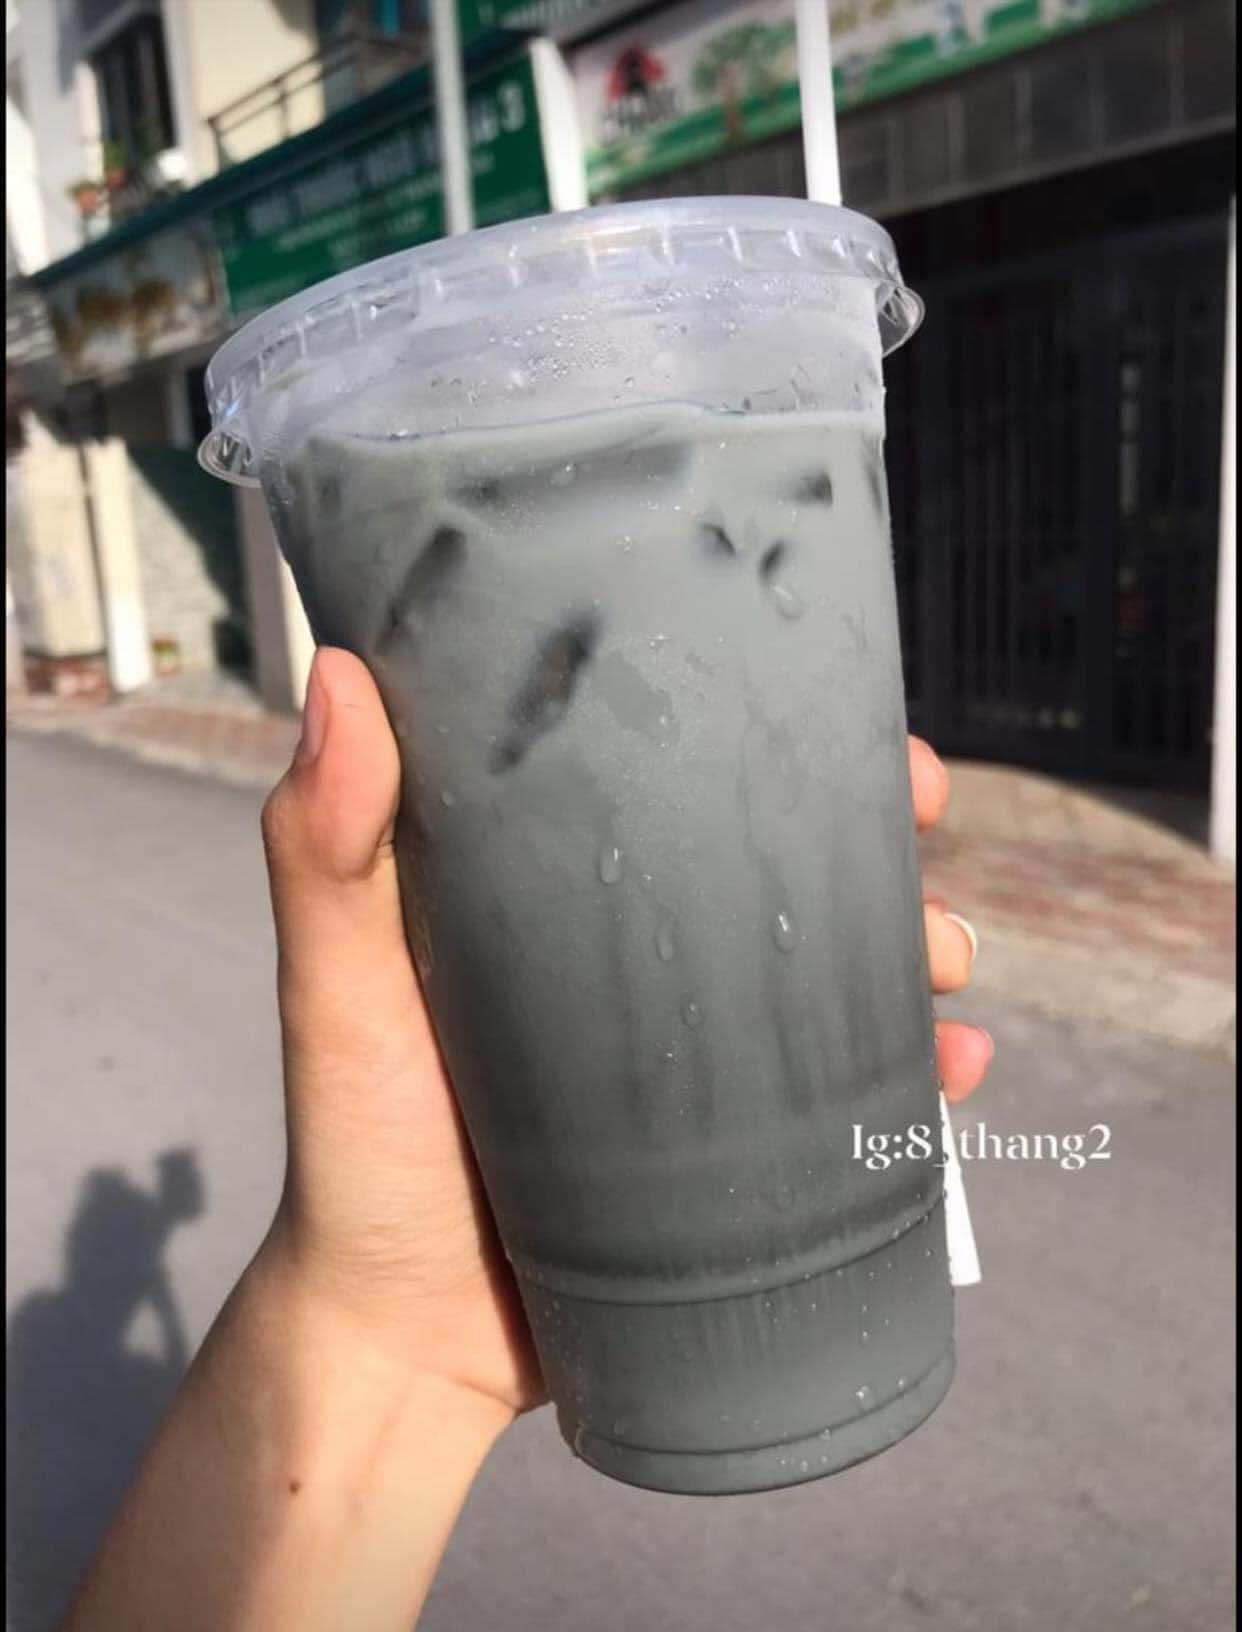 Hà Nội: Thức uống đen đen, xấu mã nhưng lại có sức hấp dẫn khiến giới trẻ săn lùng điên đảo - Ảnh 3.